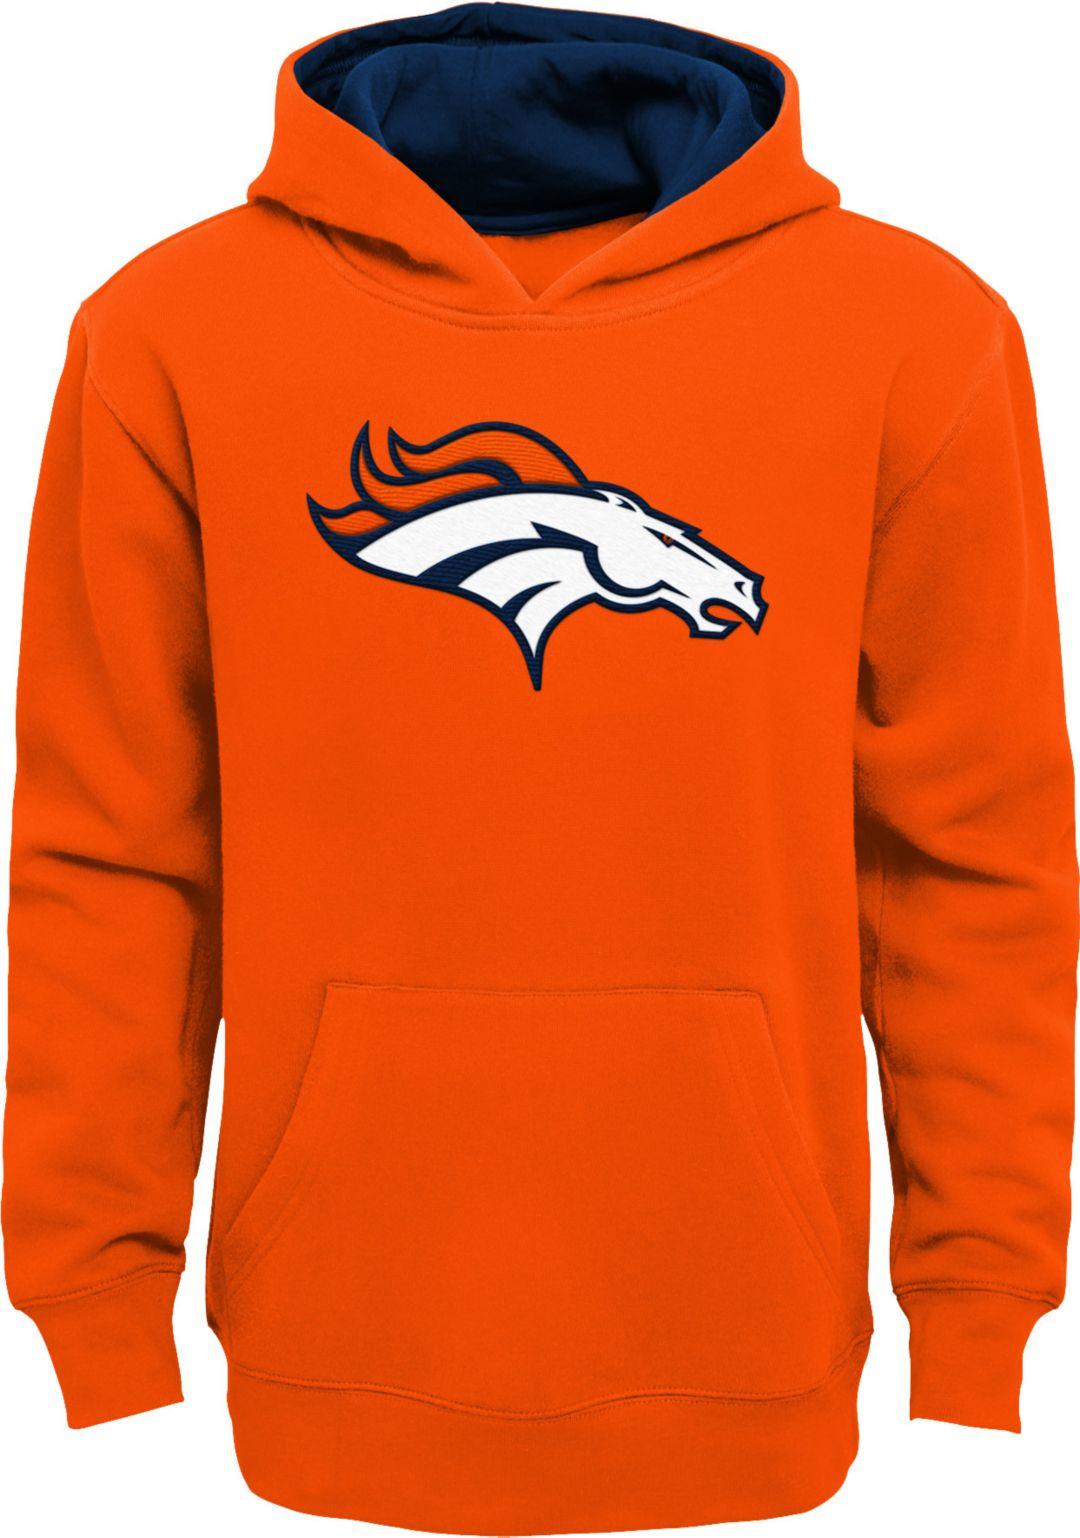 official photos 118a7 929e2 NFL Team Apparel Youth Denver Broncos Prime Orange Pullover Hoodie